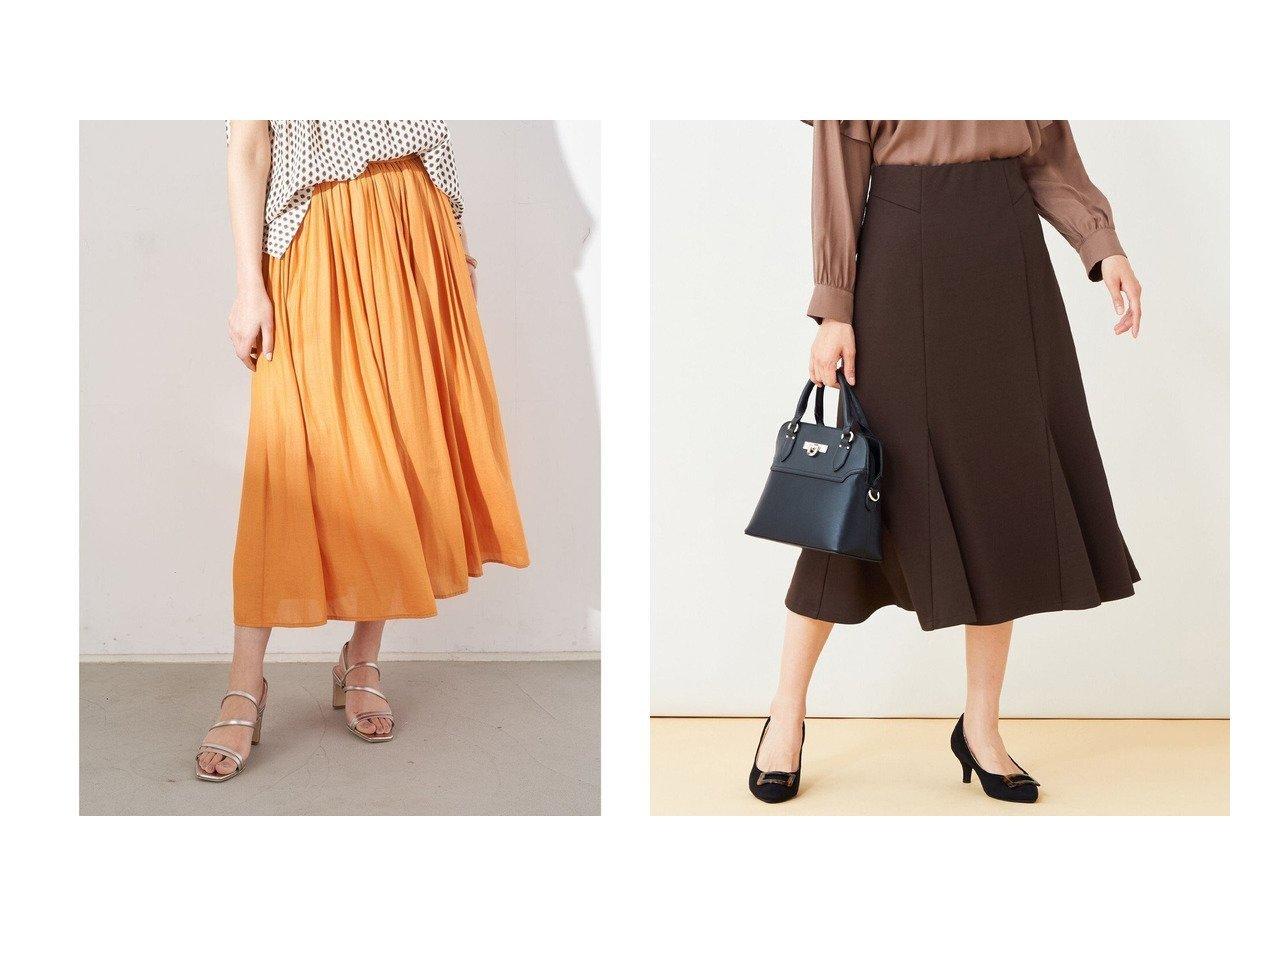 【any SiS/エニィ スィス】の【洗える】ジャージーマーメイド スカート&【YECCA VECCA/イェッカ ヴェッカ】のギャザーロングスカート 【スカート】おすすめ!人気、トレンド・レディースファッションの通販 おすすめで人気の流行・トレンド、ファッションの通販商品 インテリア・家具・メンズファッション・キッズファッション・レディースファッション・服の通販 founy(ファニー) https://founy.com/ ファッション Fashion レディースファッション WOMEN スカート Skirt ロングスカート Long Skirt 送料無料 Free Shipping ギャザー シンプル フェミニン フォルム 無地 おすすめ Recommend ジャージー トレンド フレア ブーティ マーメイド 洗える |ID:crp329100000067249